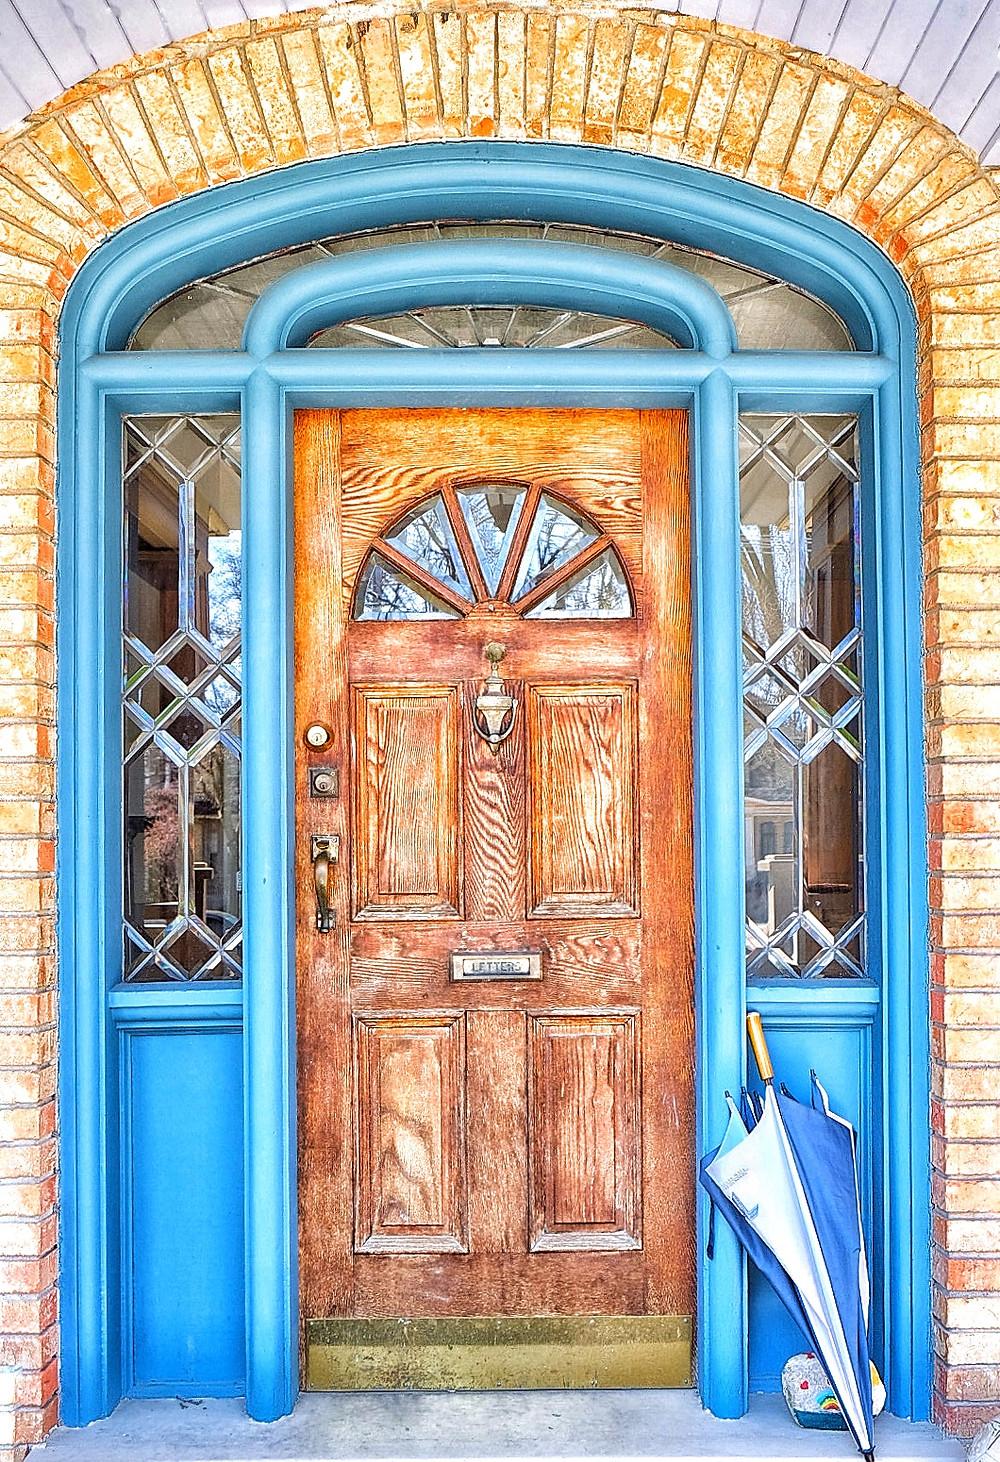 Another gorgeous door in London, Ontario.